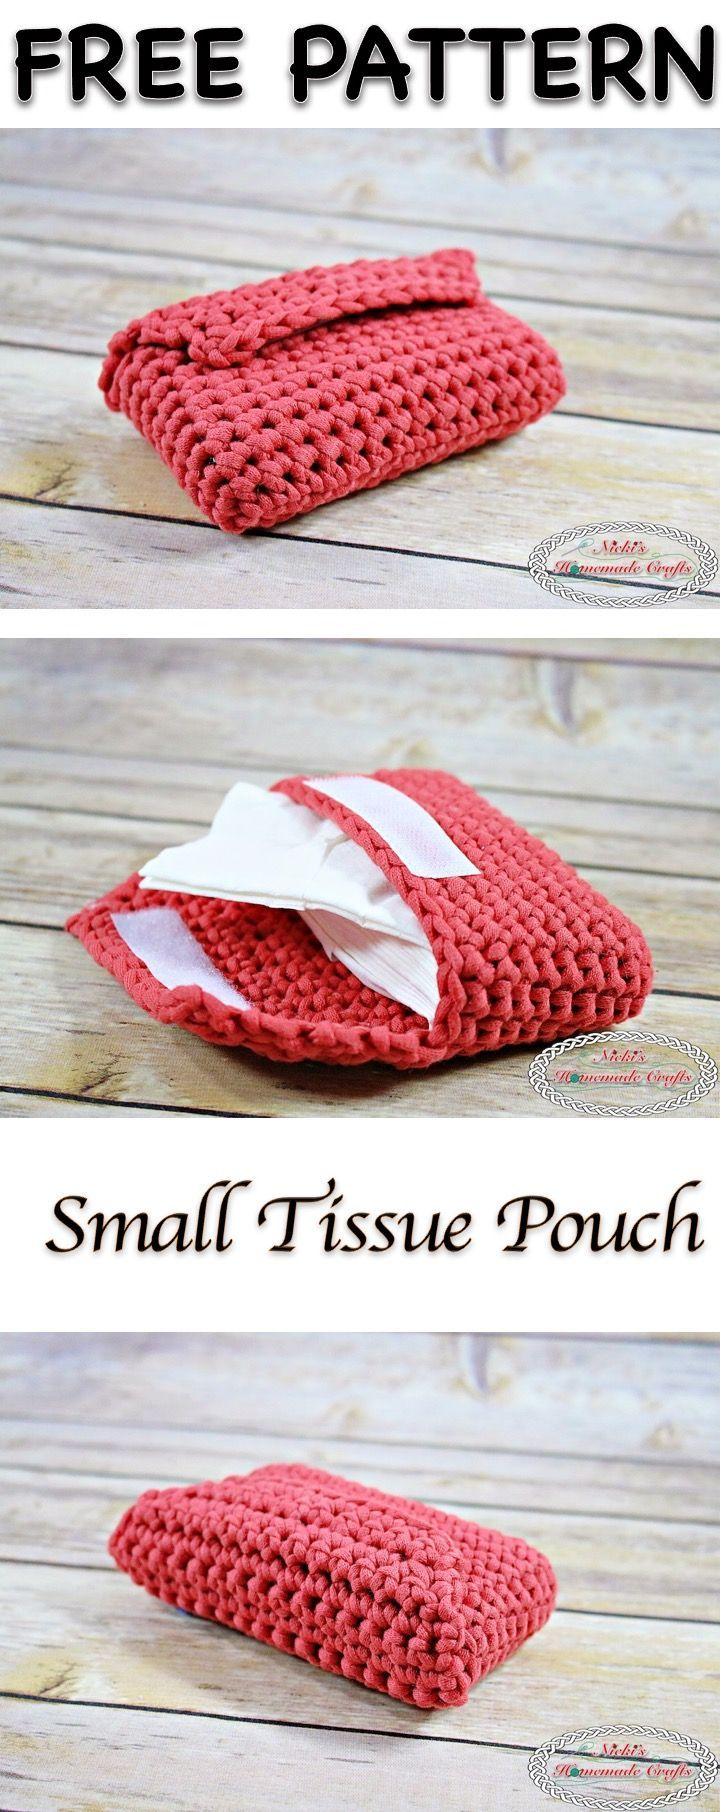 Small Tissue Pouch - Free Crochet Pattern | Garn, Häkeln ideen und ...